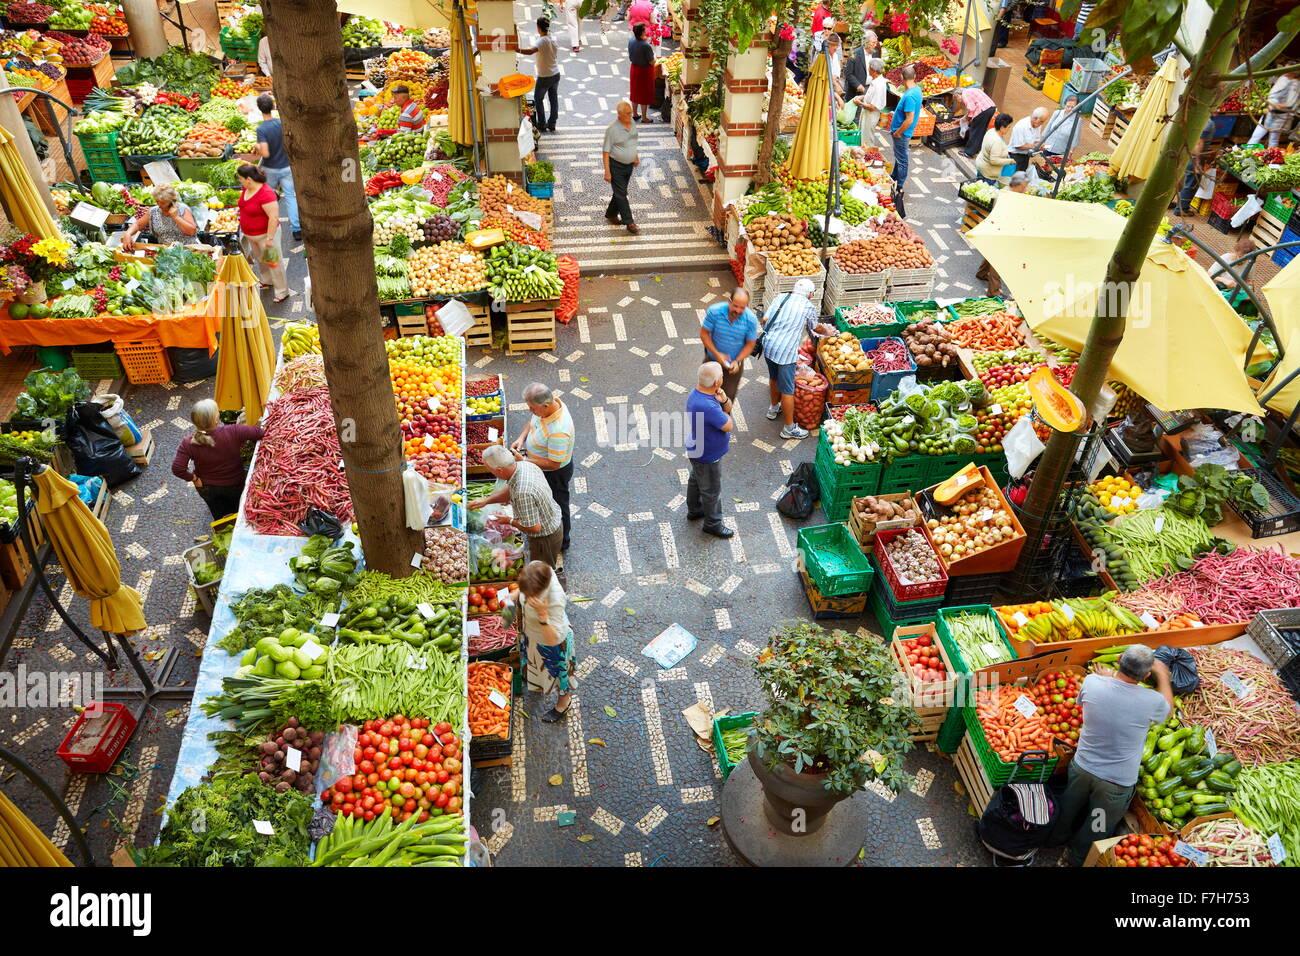 Mercado de los Lavradores, fruta fresca y verduras en el mercado de Funchal, Madeira, Portugal Imagen De Stock